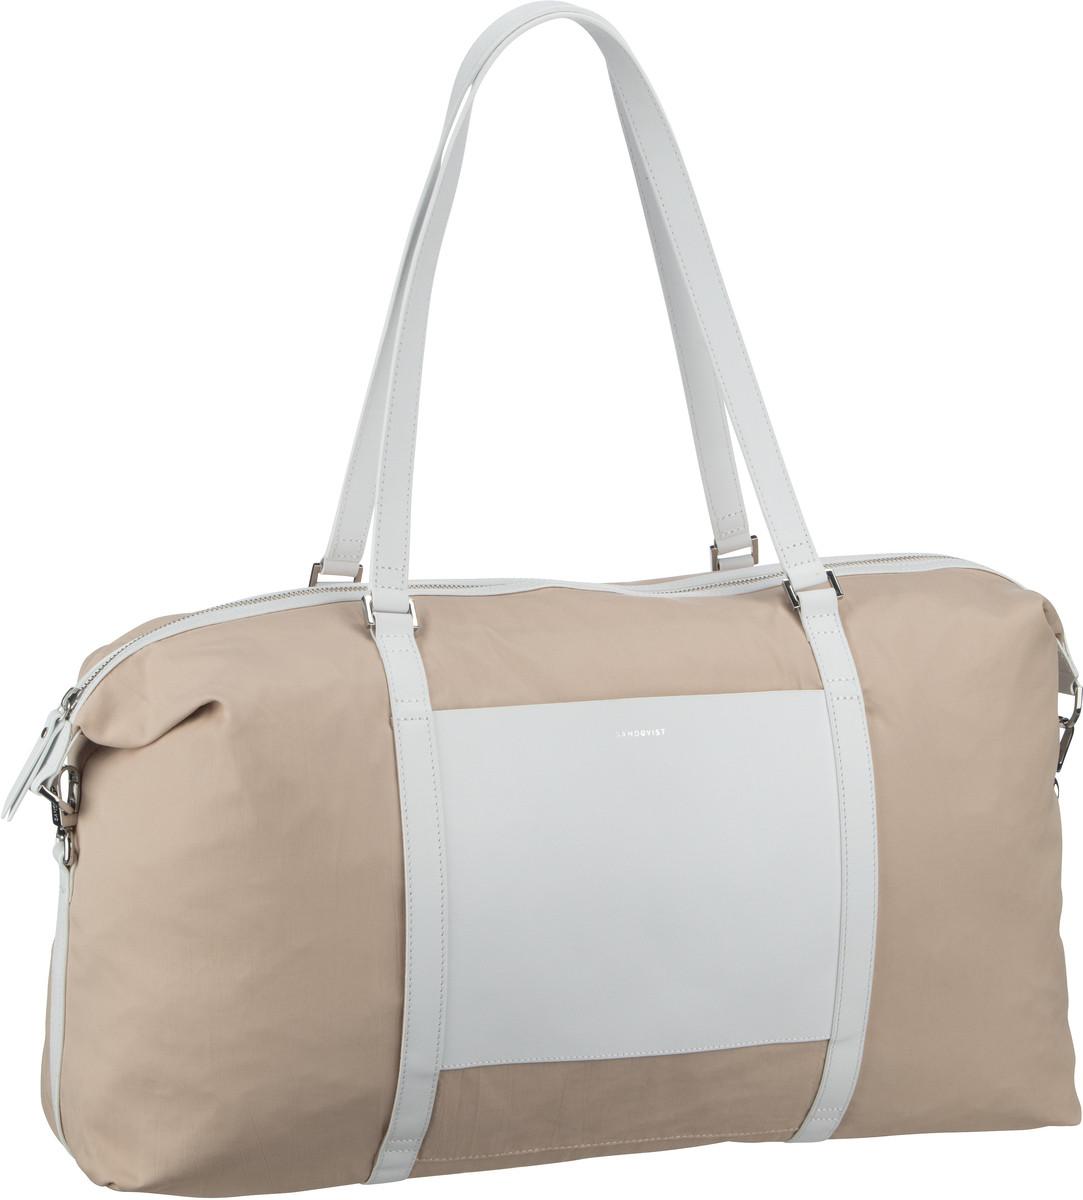 9d1e2751c42bb Sporttasche online kaufen - Mode für trendbewusste Frauen